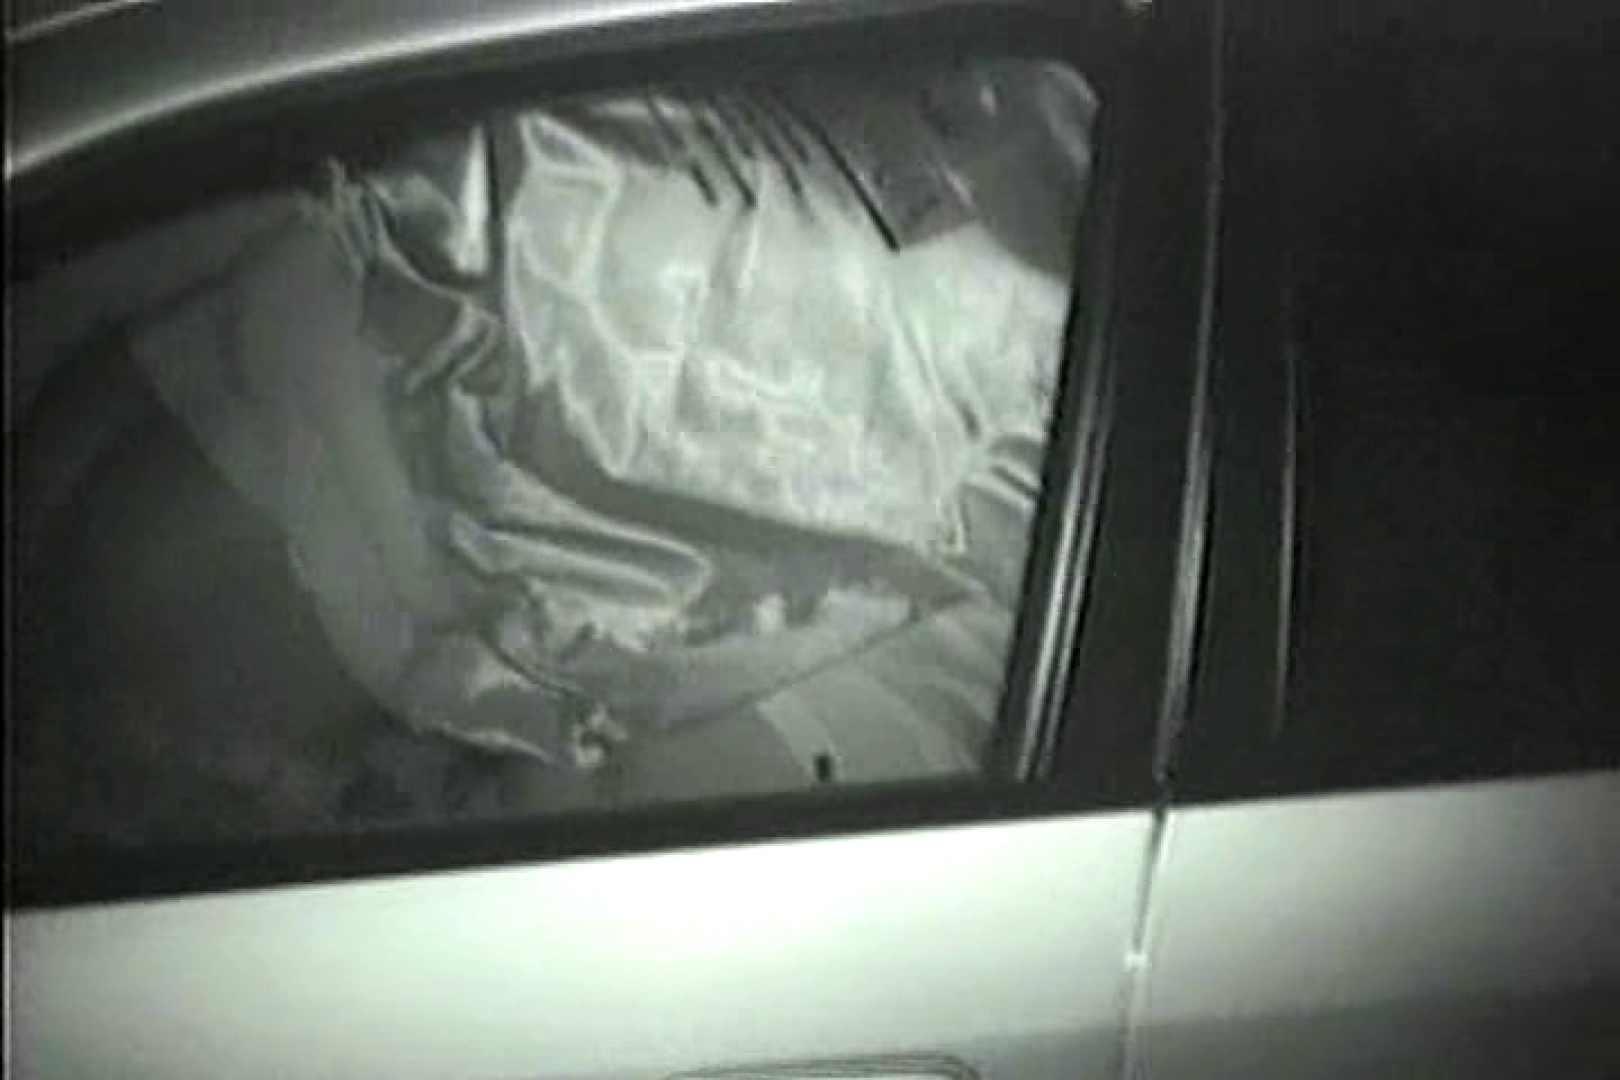 車の中はラブホテル 無修正版  Vol.9 車 オマンコ動画キャプチャ 88連発 13